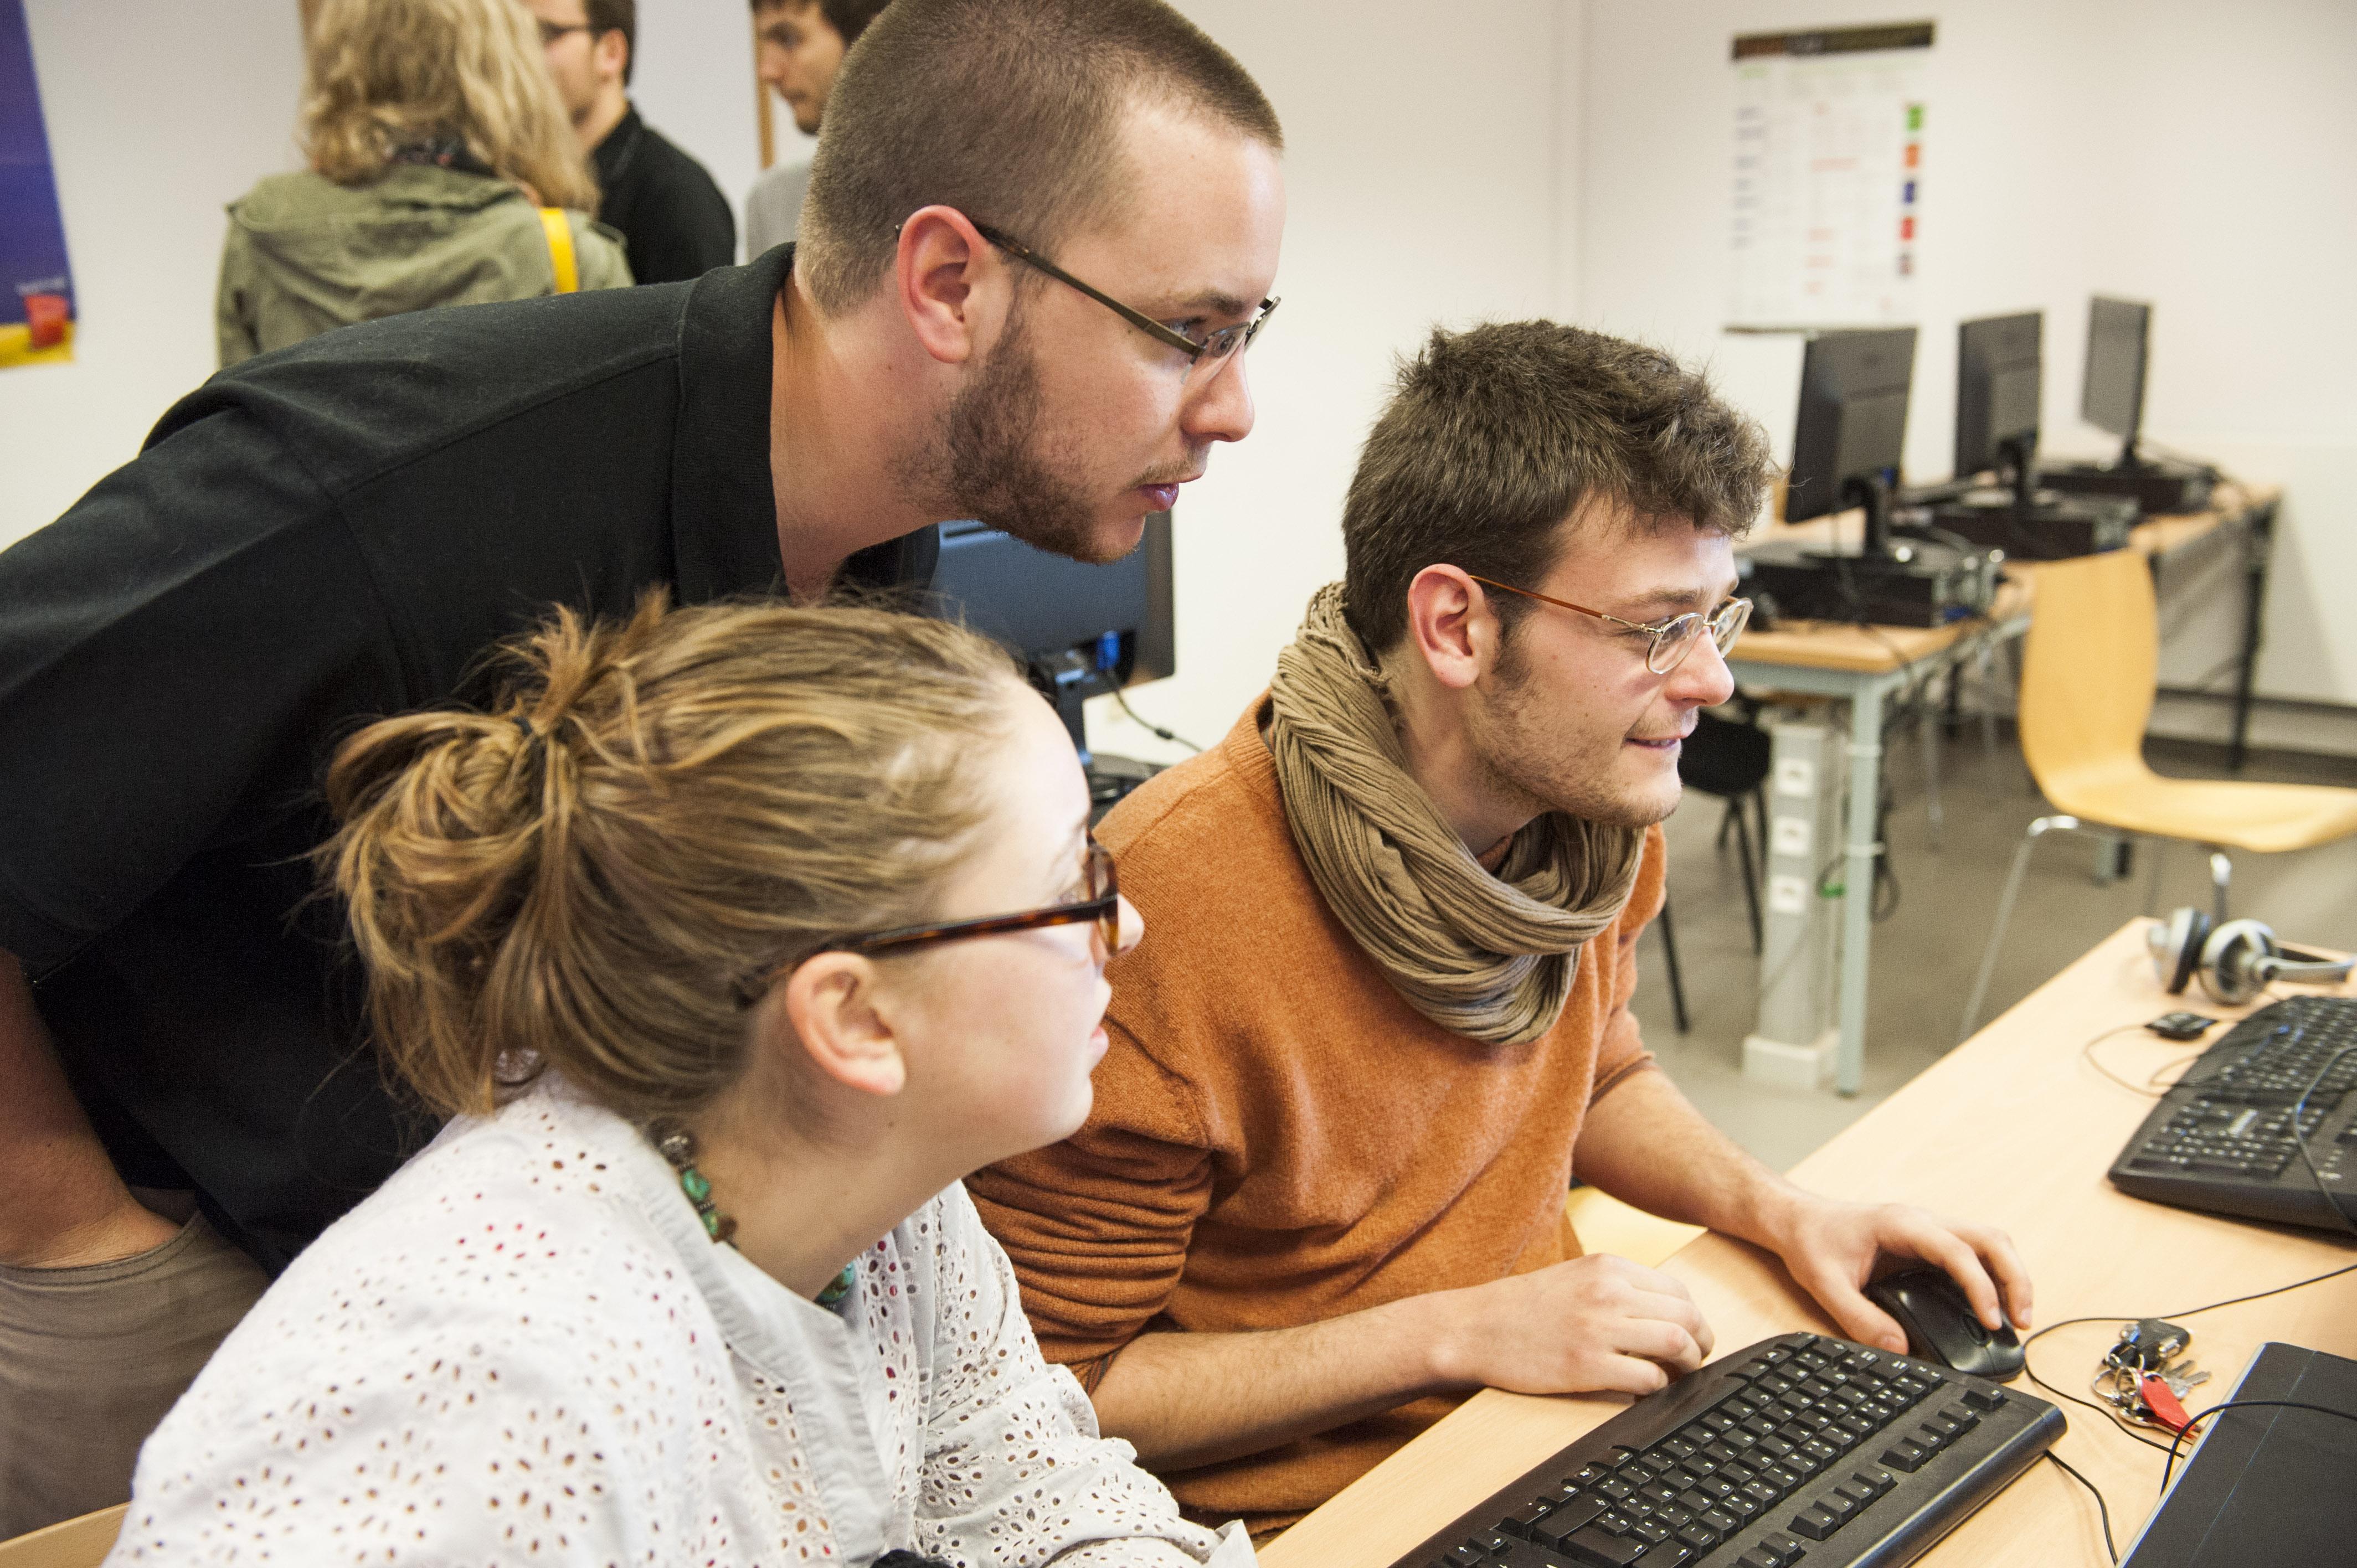 25.03.2014/Gembloux-Belgique/ Illustration Gemblous agro bio tech. cours et auditoire, Etudiants. Photo : ULg/Jeanlouis Wertz